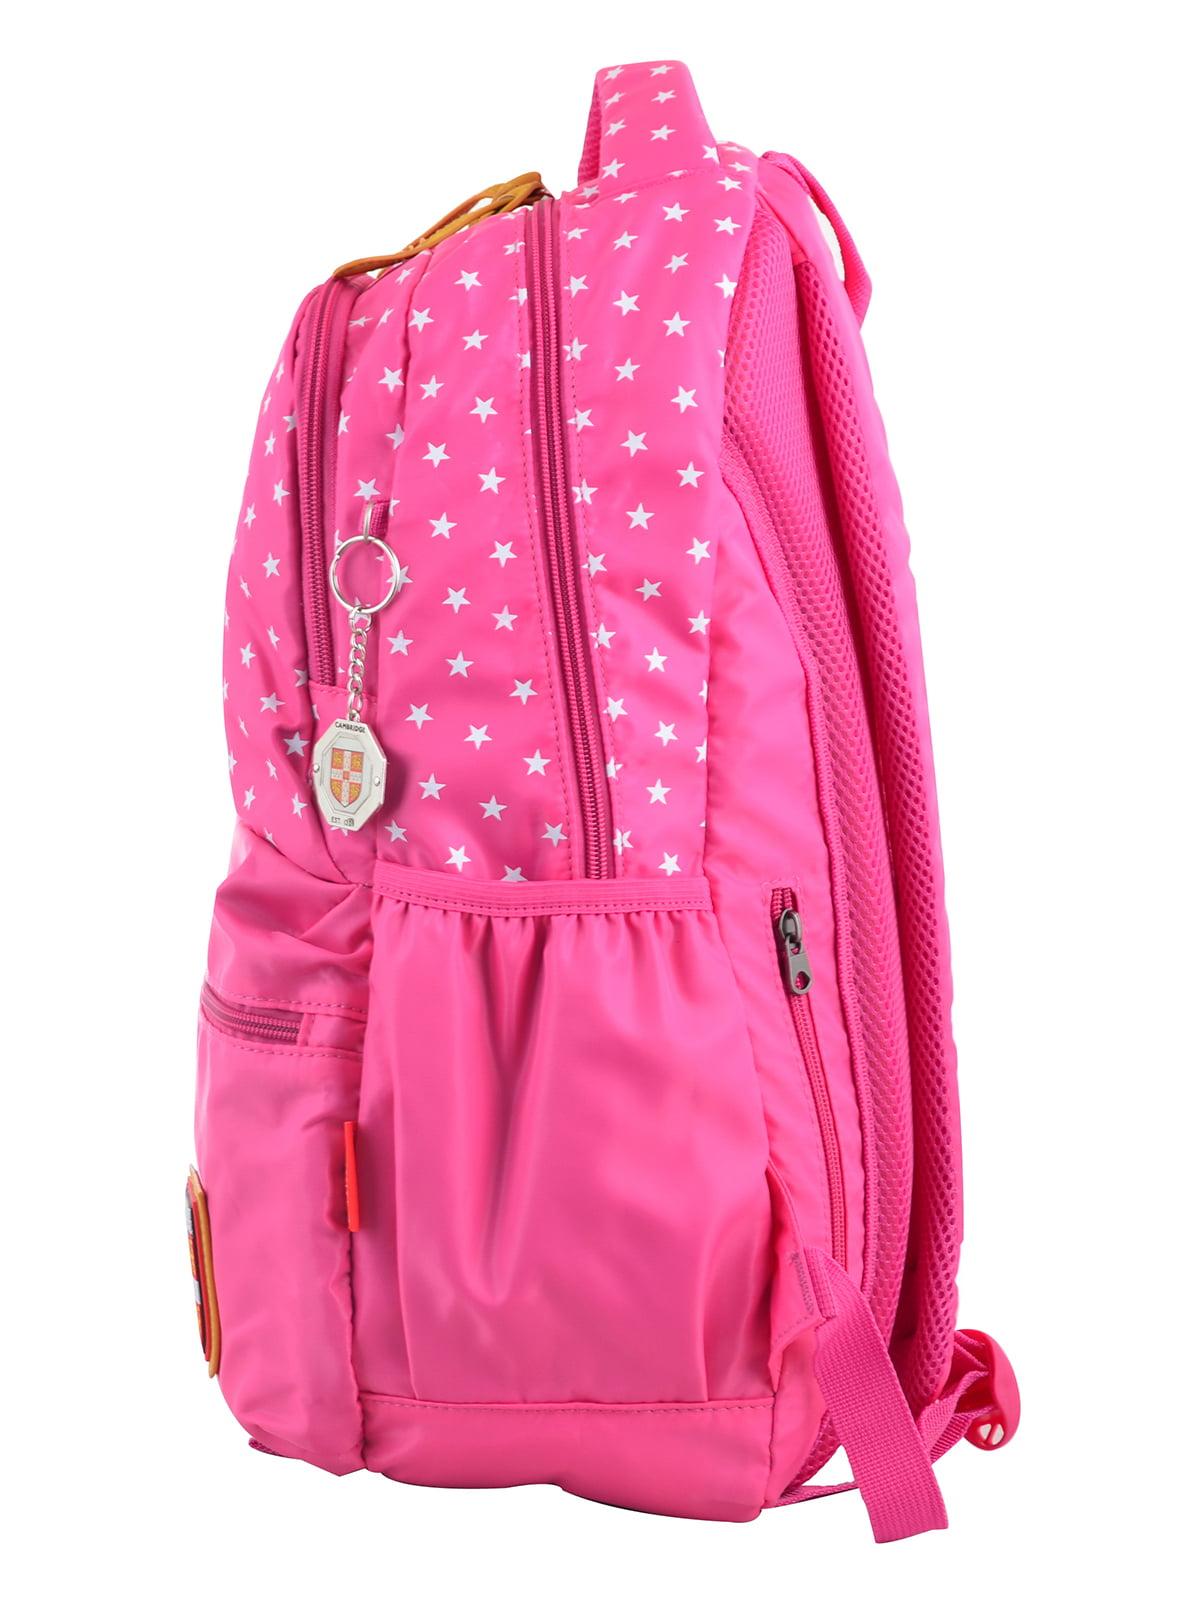 Рюкзак рожевий в горошок | 4214874 | фото 3